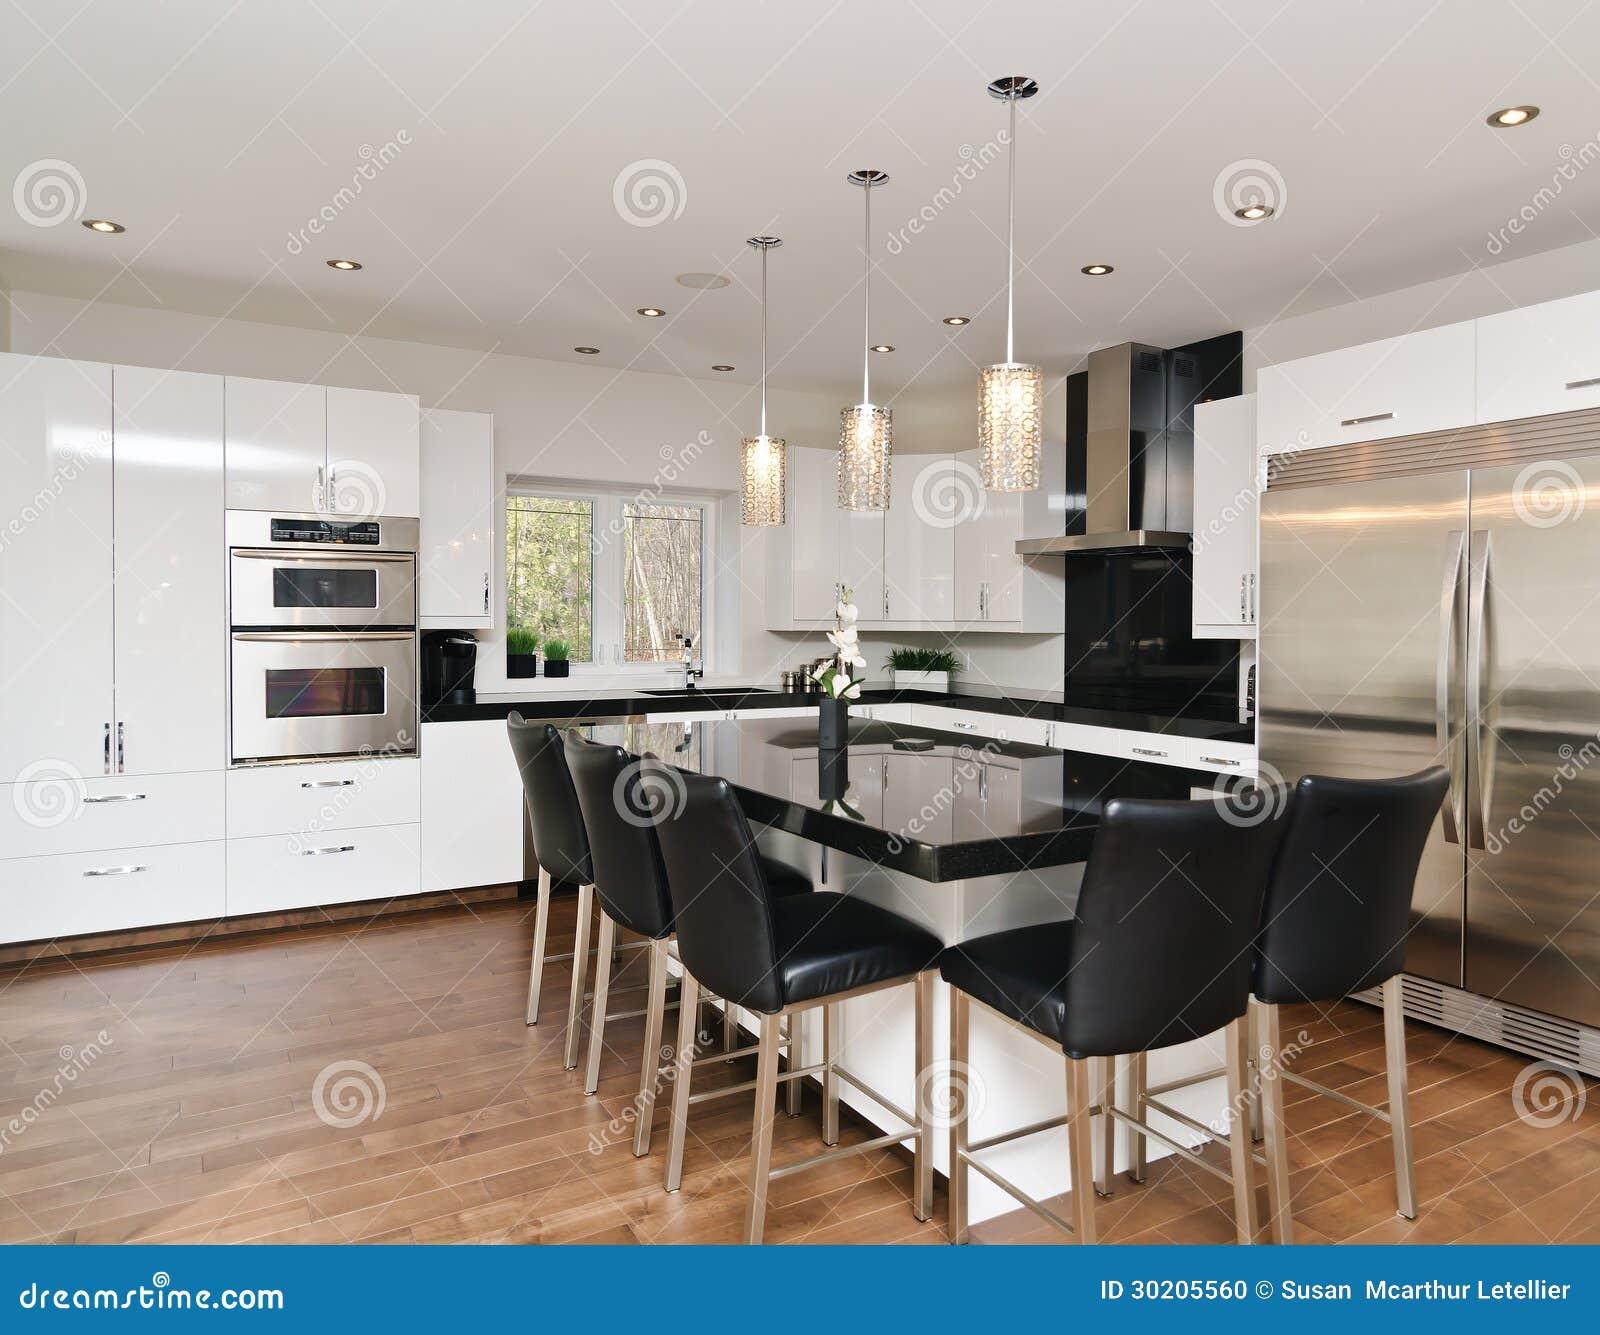 Moderne Zeitgenössische Weiße Küche Stockfoto - Bild: 30205560